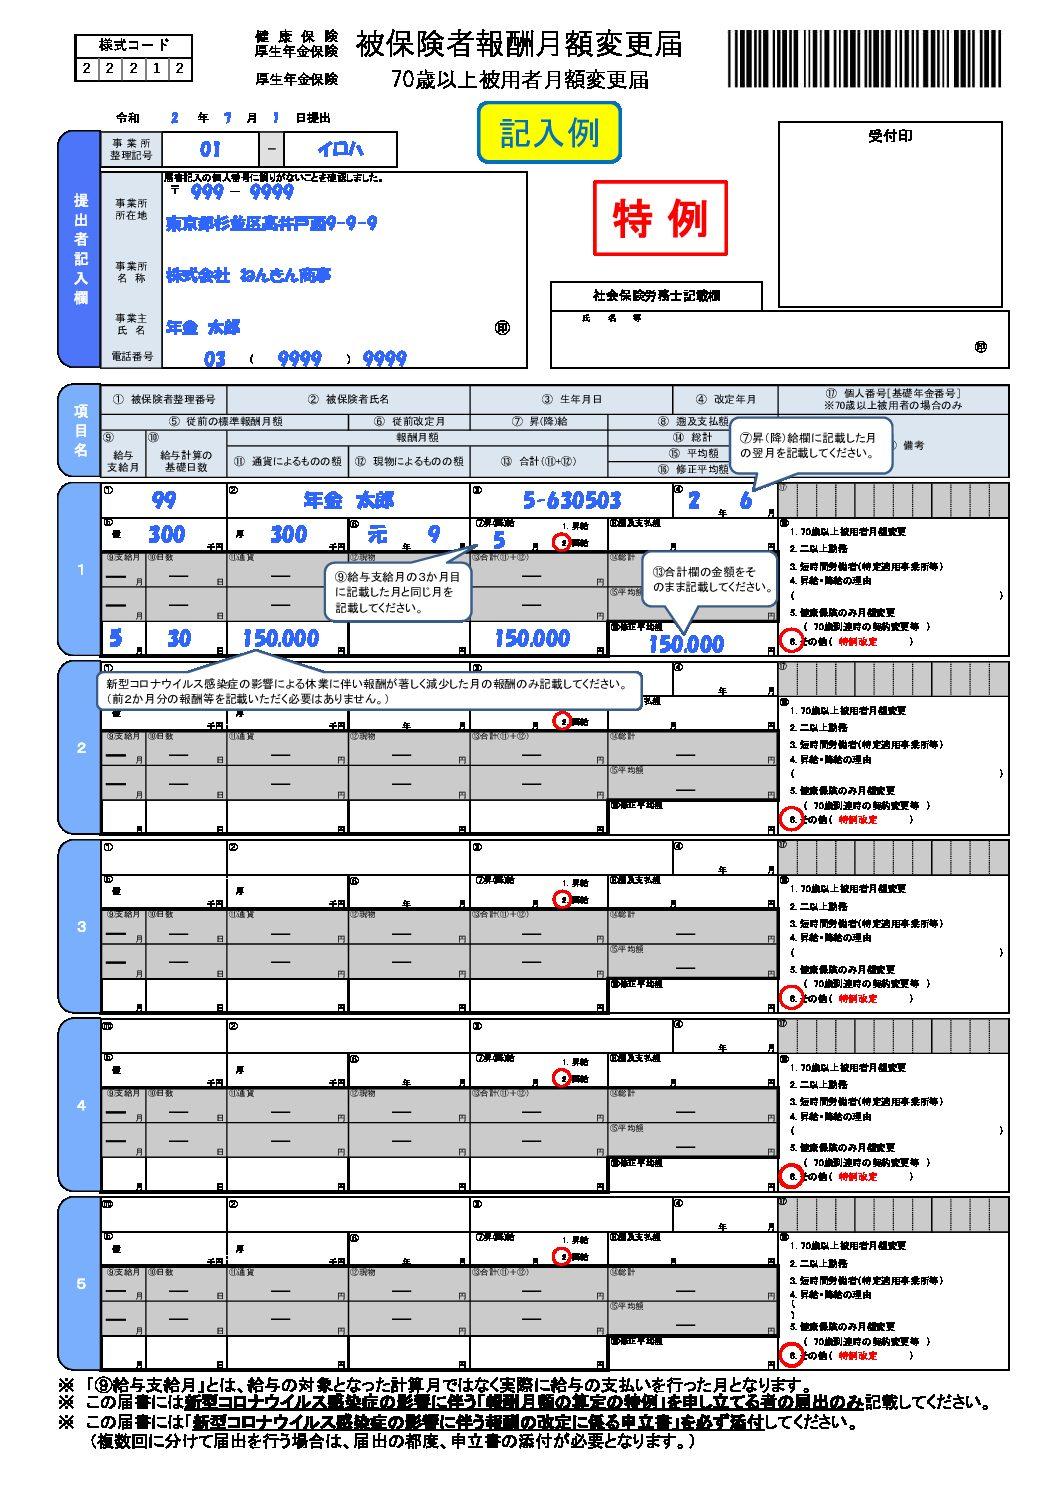 【コロナ特例随時改定②】1か月でも月額変更可能【実務手続きと簡易ツール】